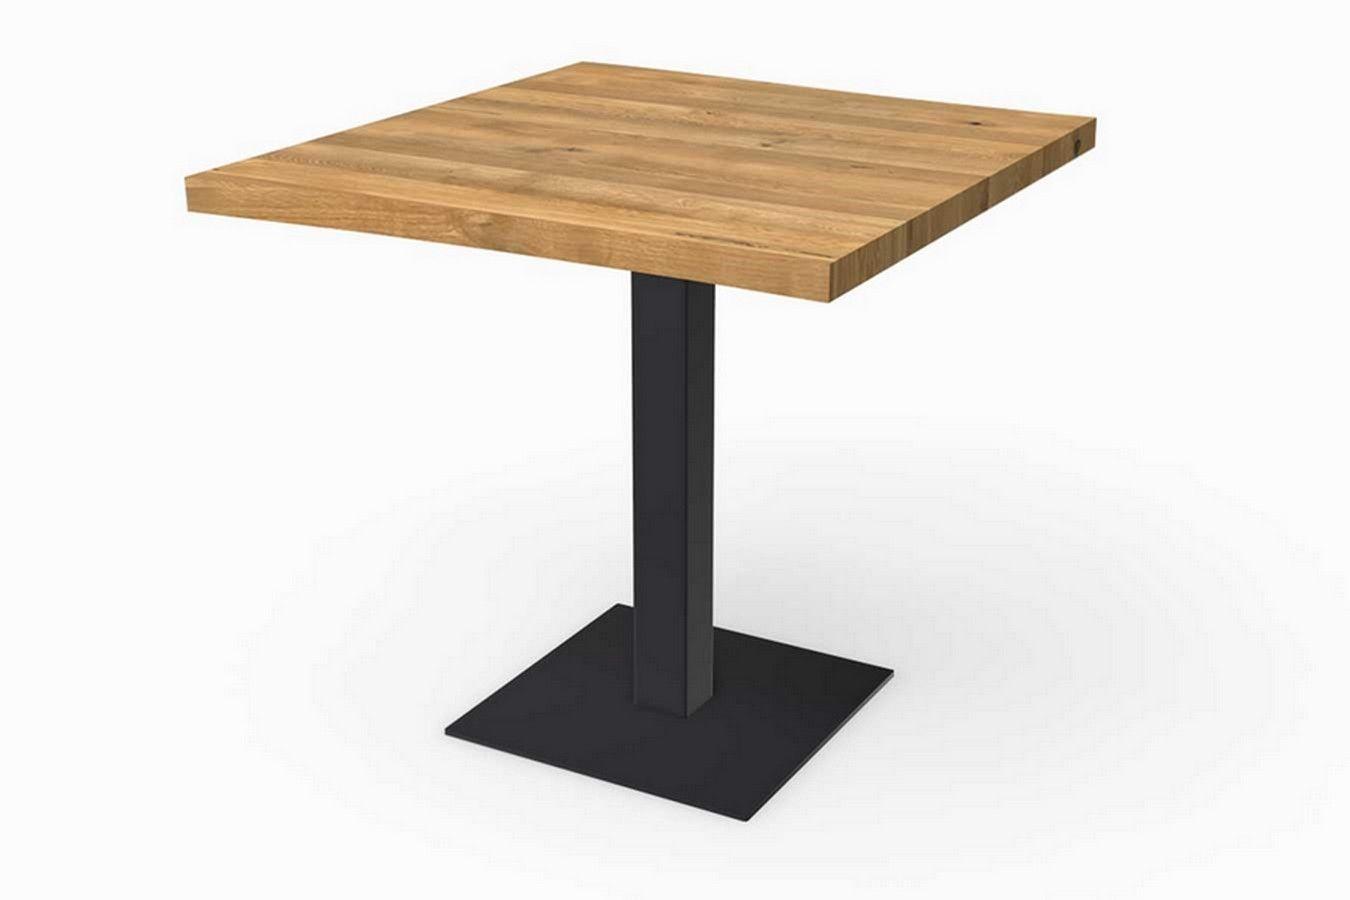 Bistrotisch Massivholz Eiche Bistrotisch Tisch Couchtisch Massivholz